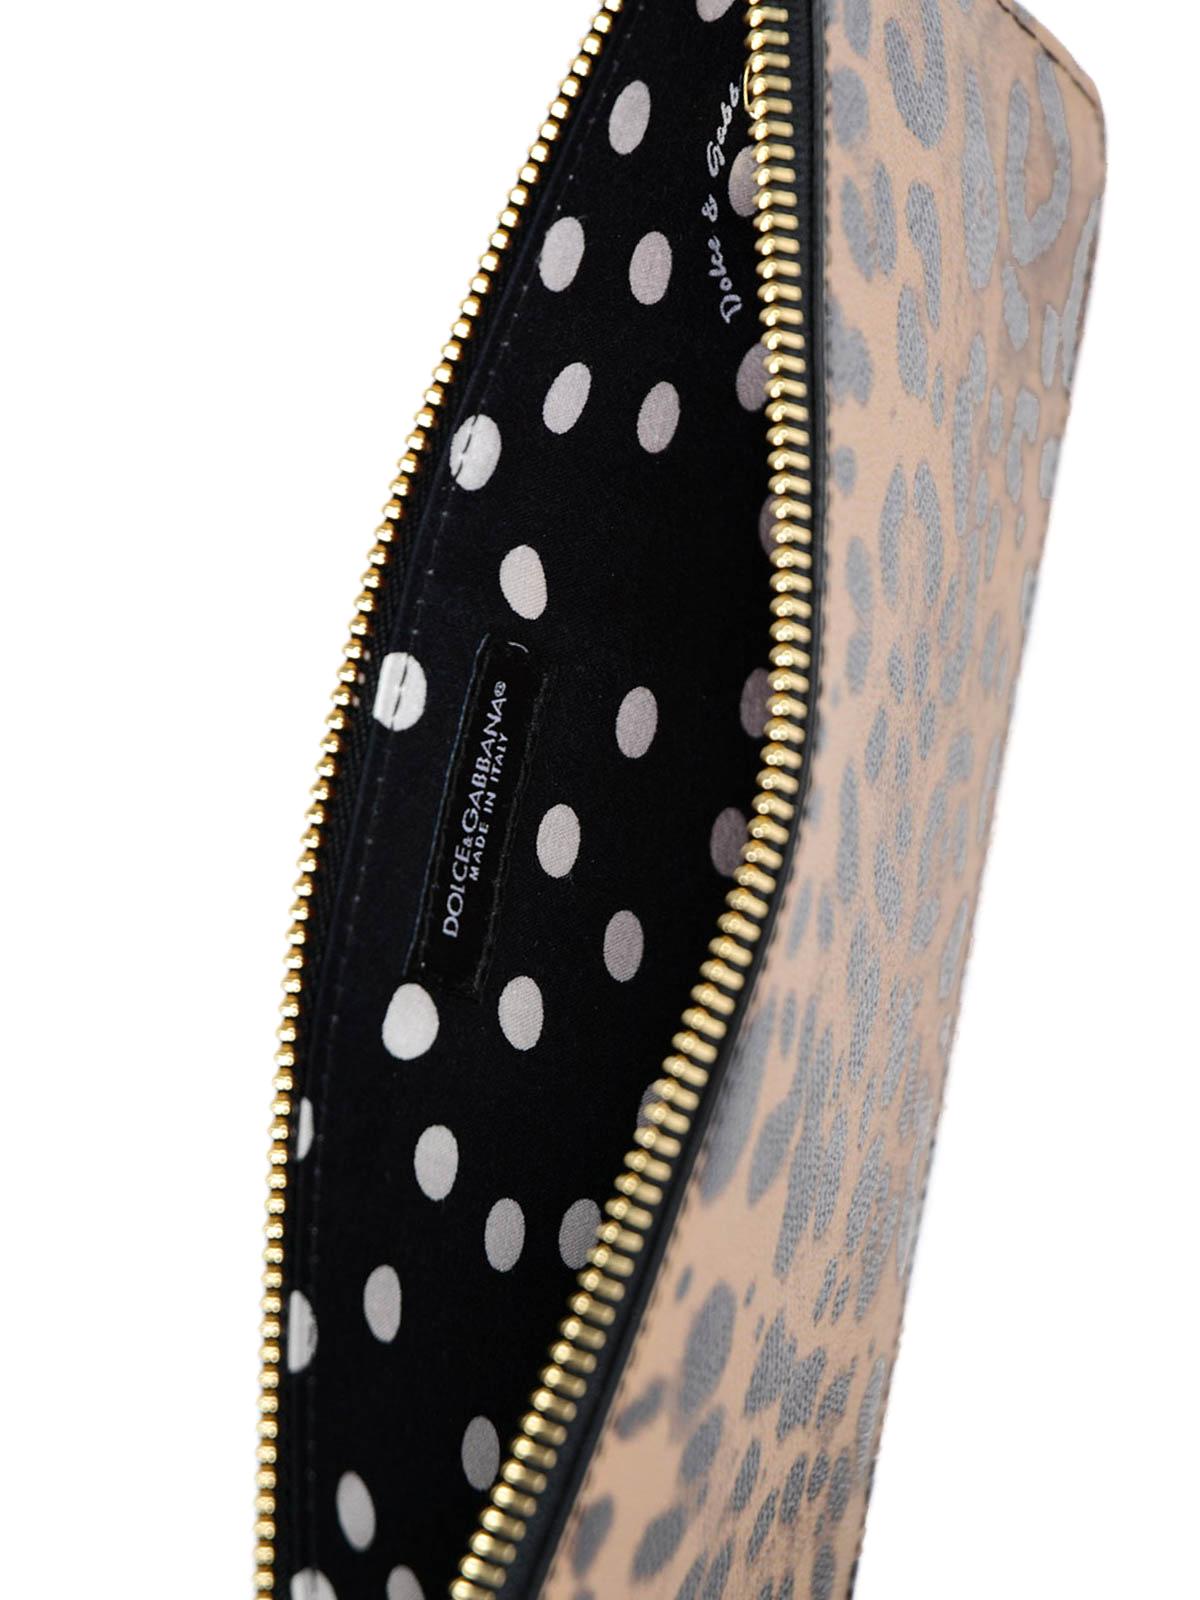 Dolce & Gabbana Leo printed leather clutch I0wYcb